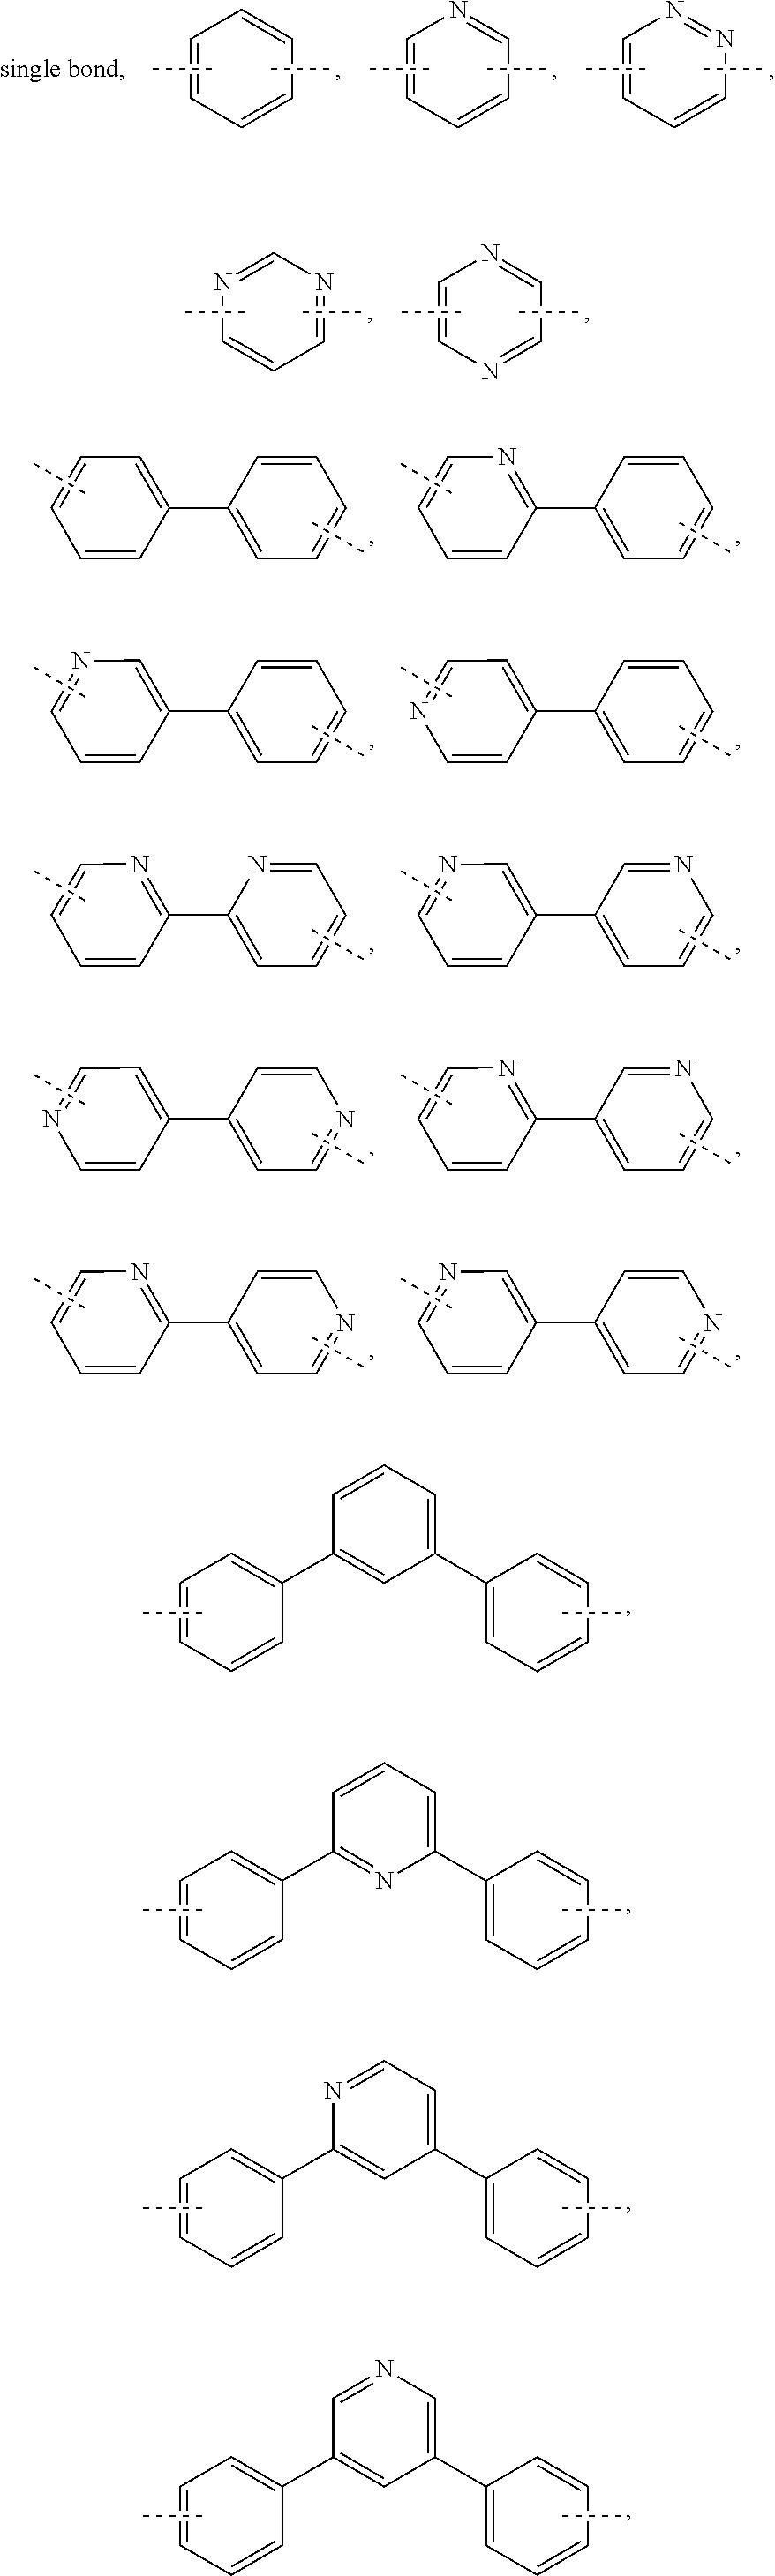 Figure US09553274-20170124-C00225